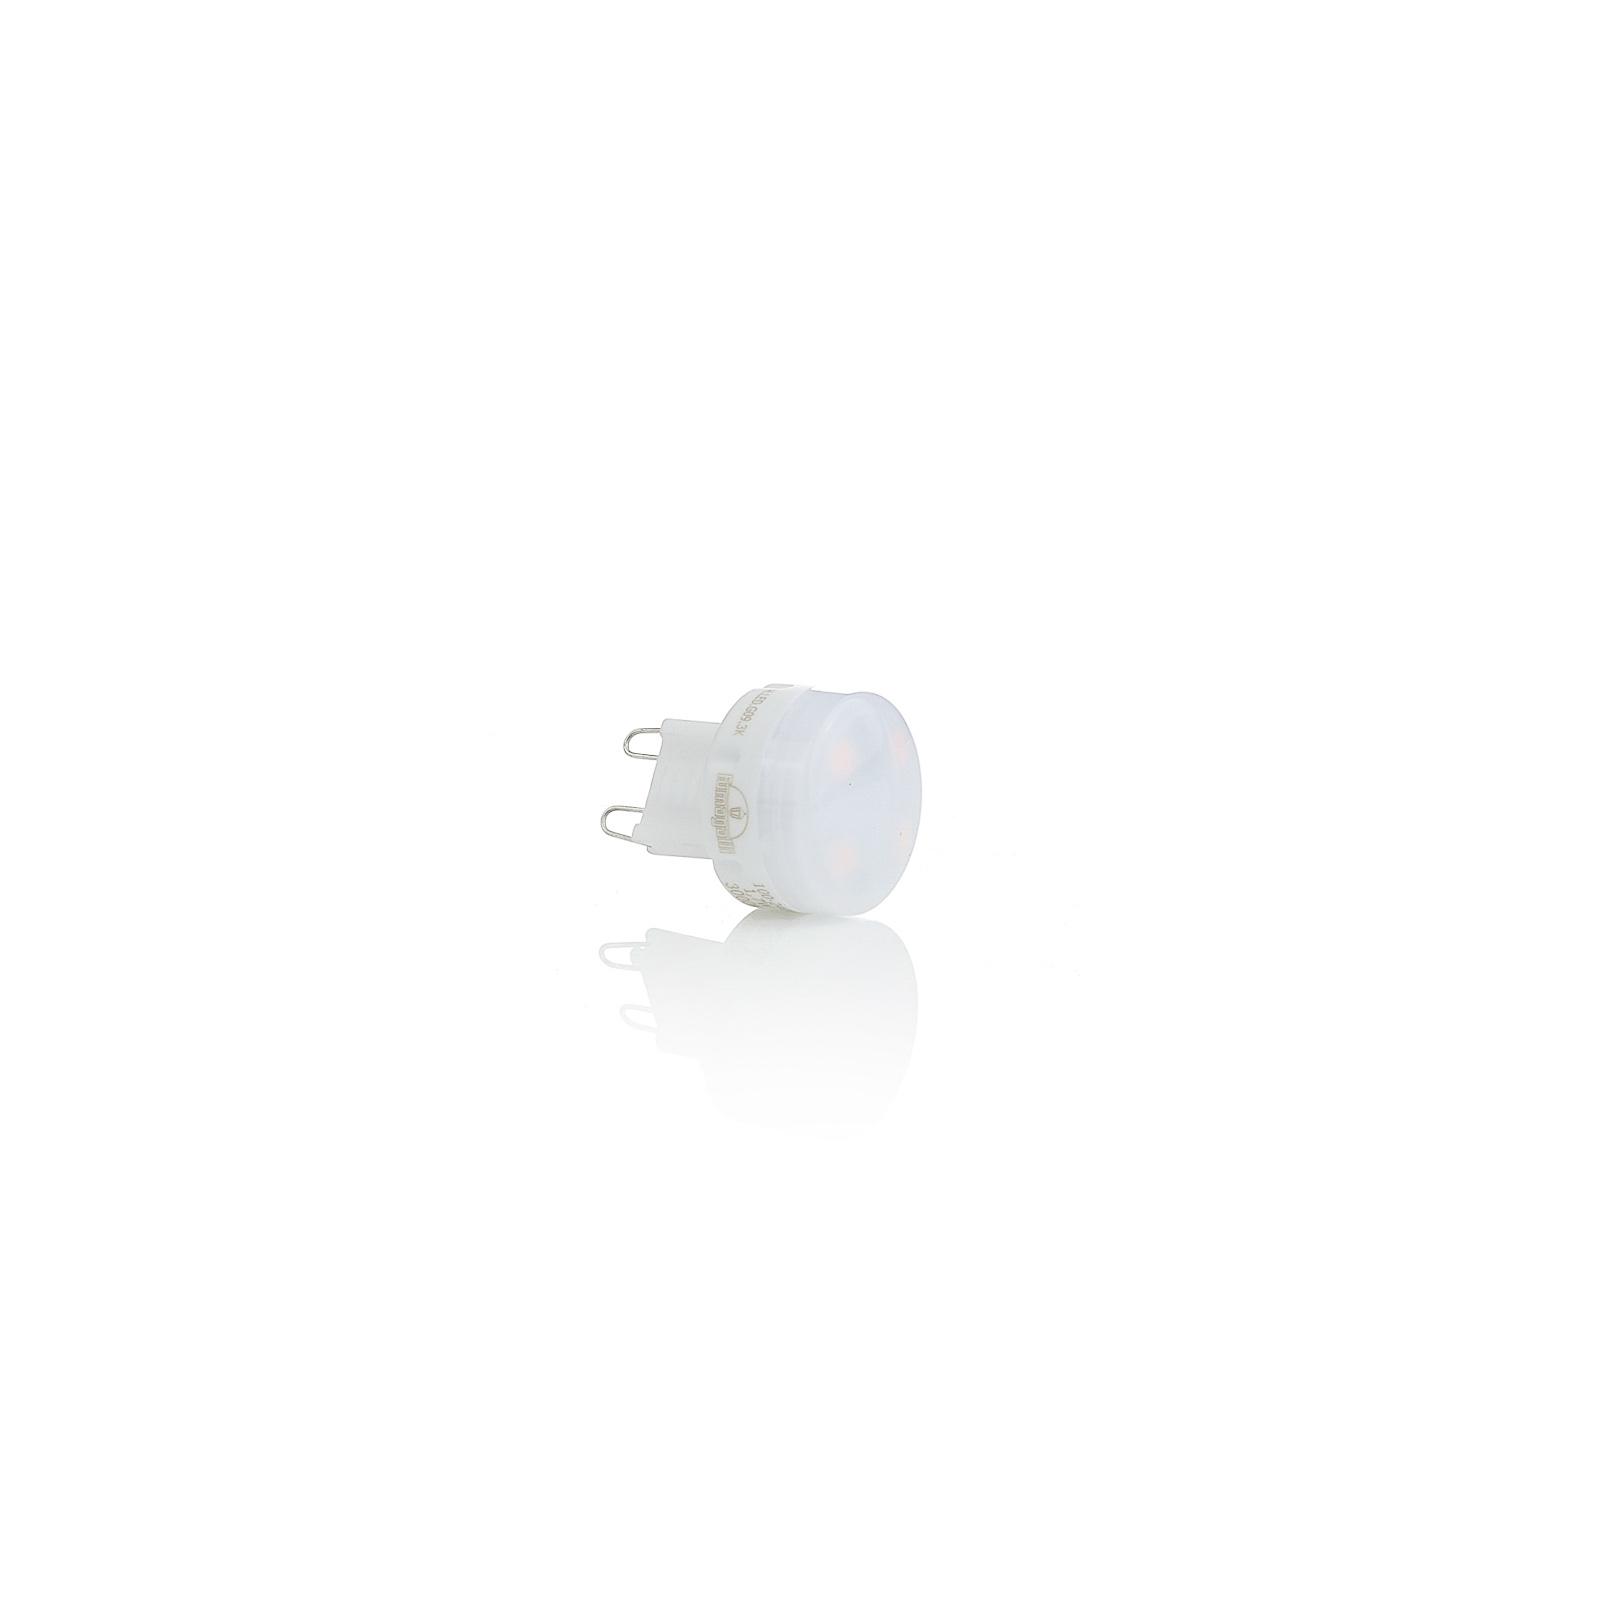 LED-pære G9, 1,7 W, 170 lm, 3000K